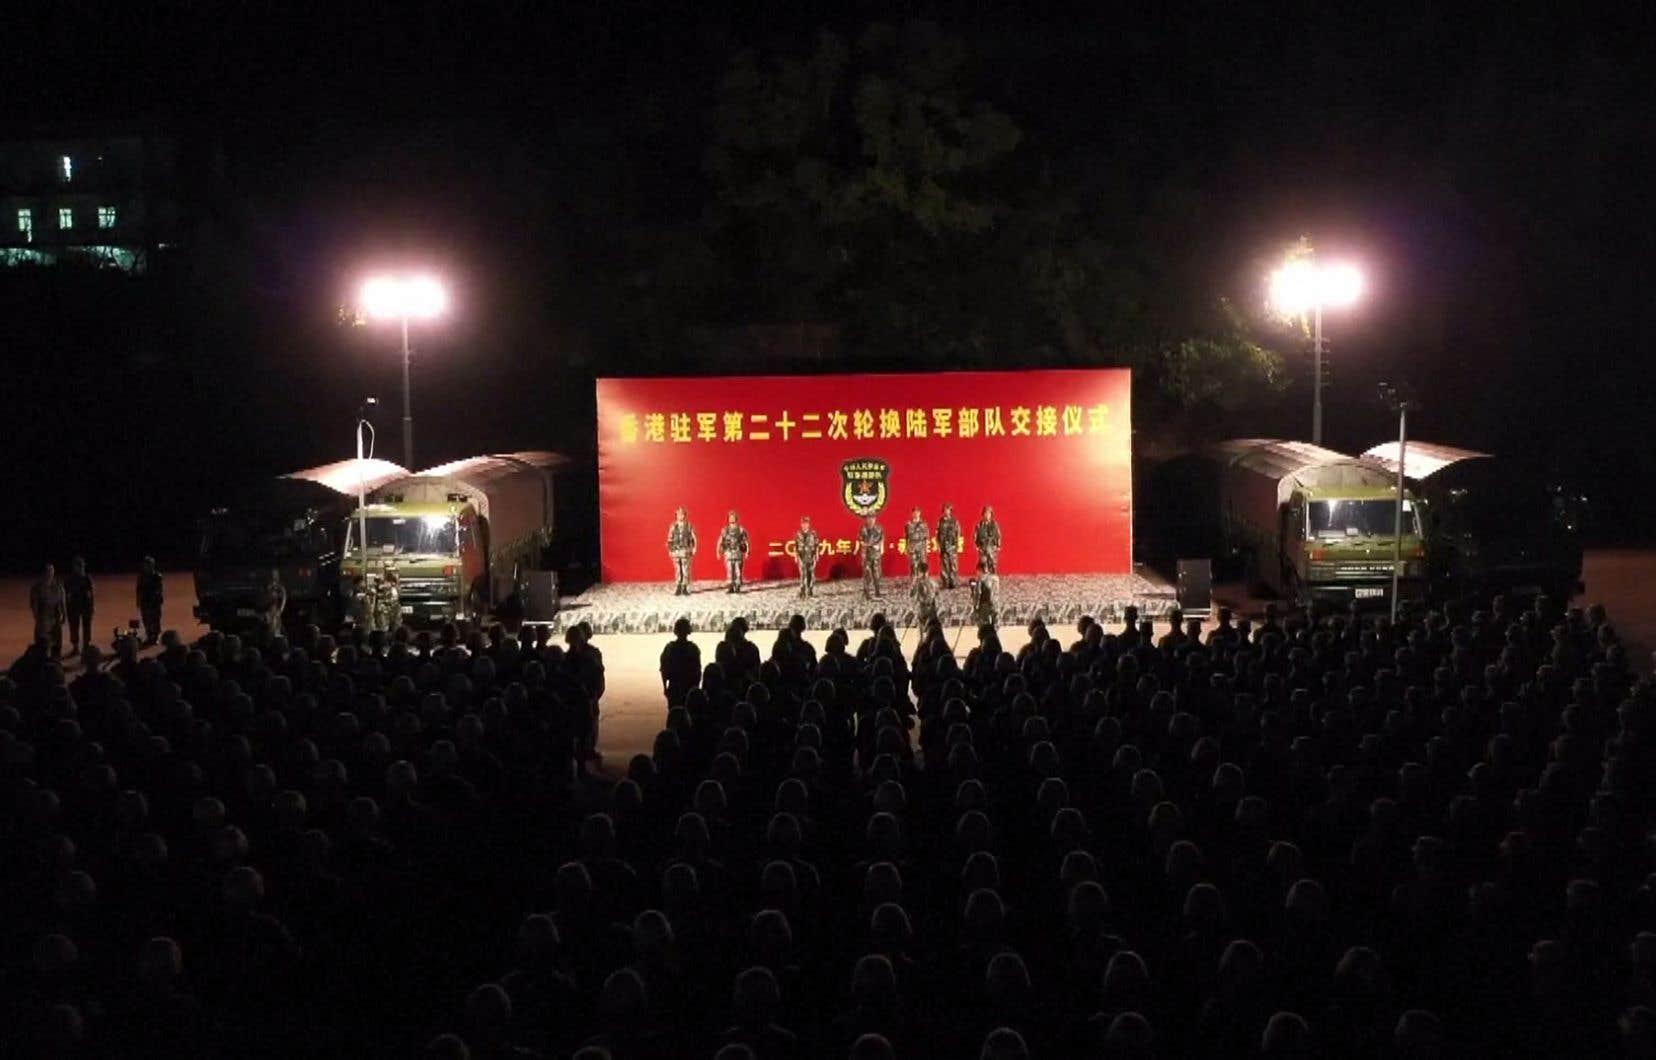 Des dizaines de camions et de blindés de transport de troupes ont traversé dans la nuit la frontière qui sépare la Chine continentale de Hong Kong, selon des images diffusées par la télévision publique chinoise CCTV.